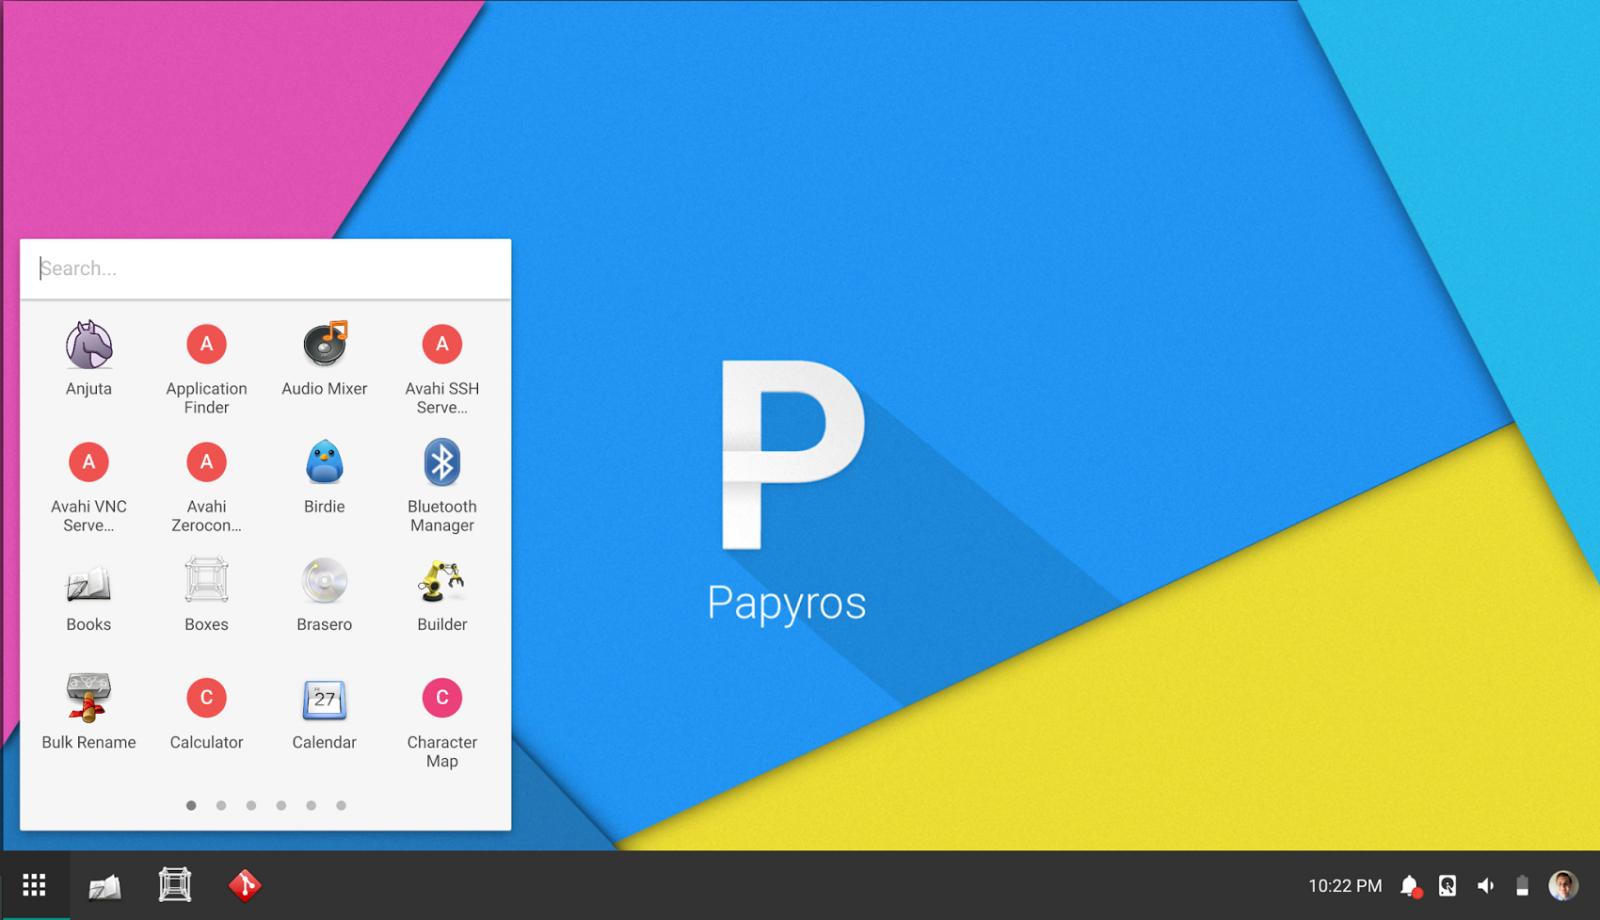 Papyros: ukázka designu